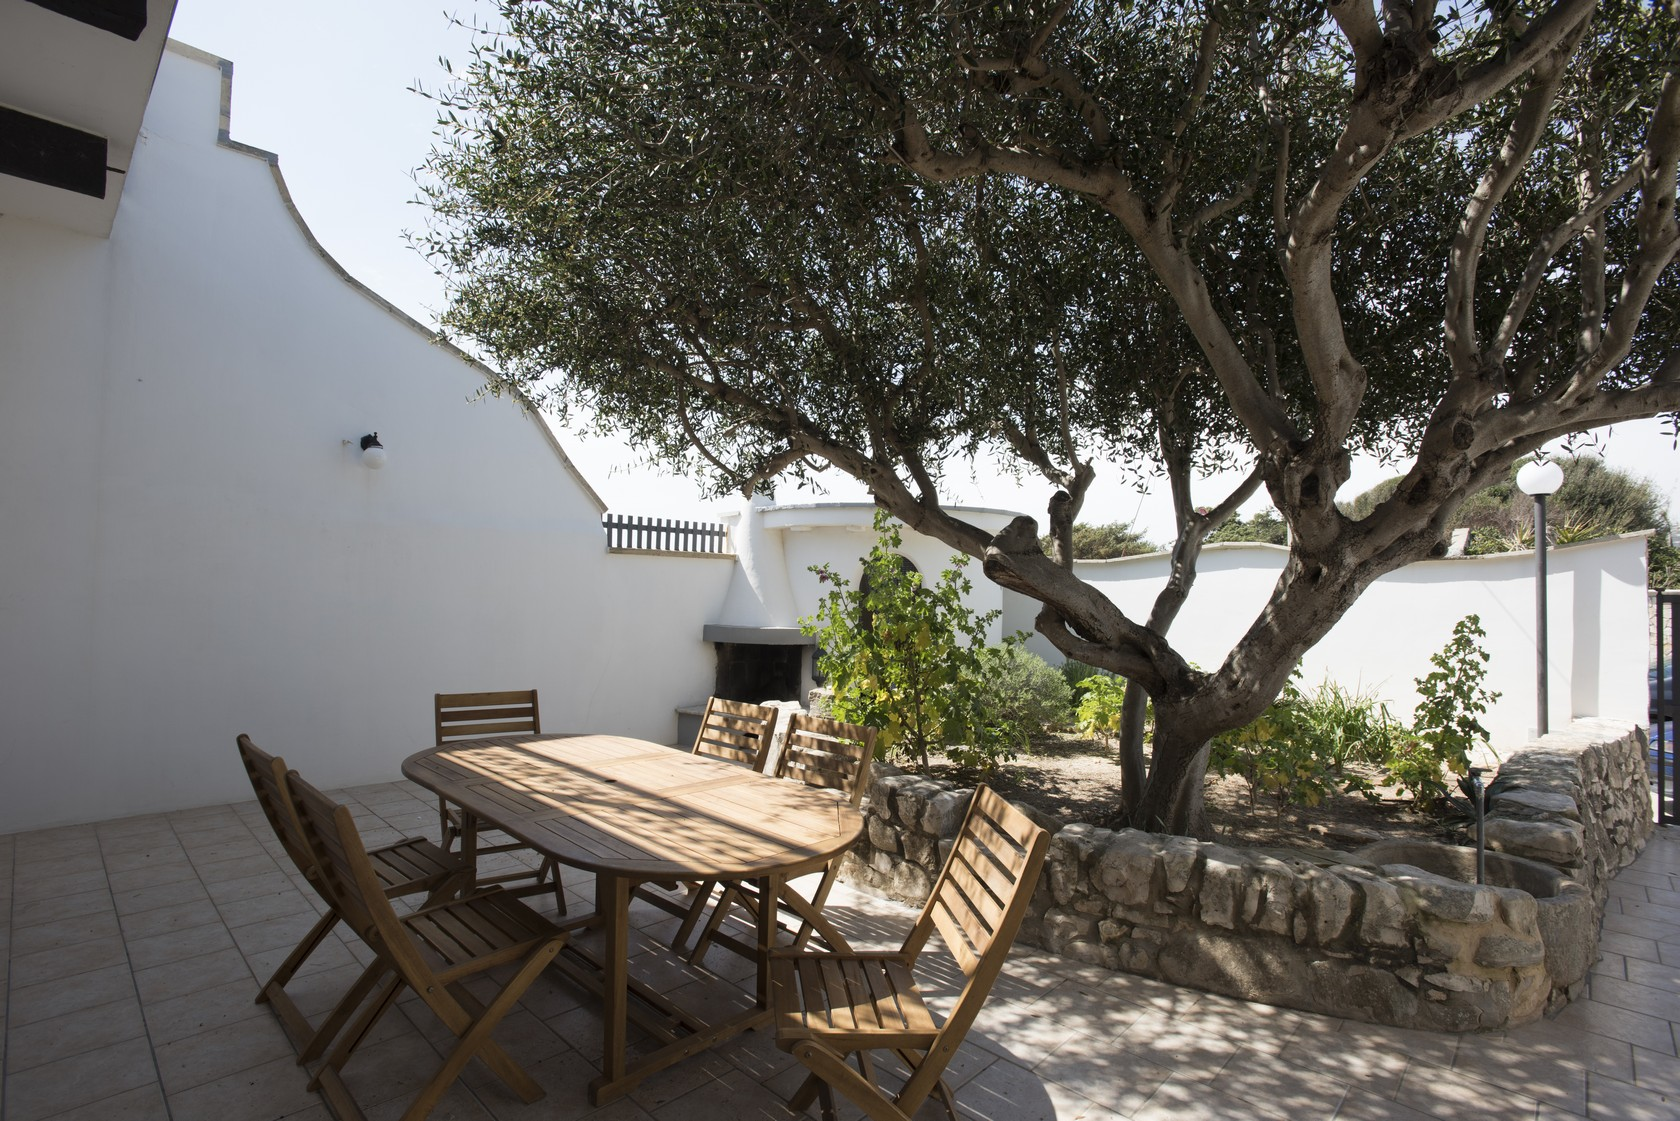 Ferienhaus Villa Desiderio, villa on the beach (2354061), Porto Cesareo, Lecce, Apulien, Italien, Bild 13